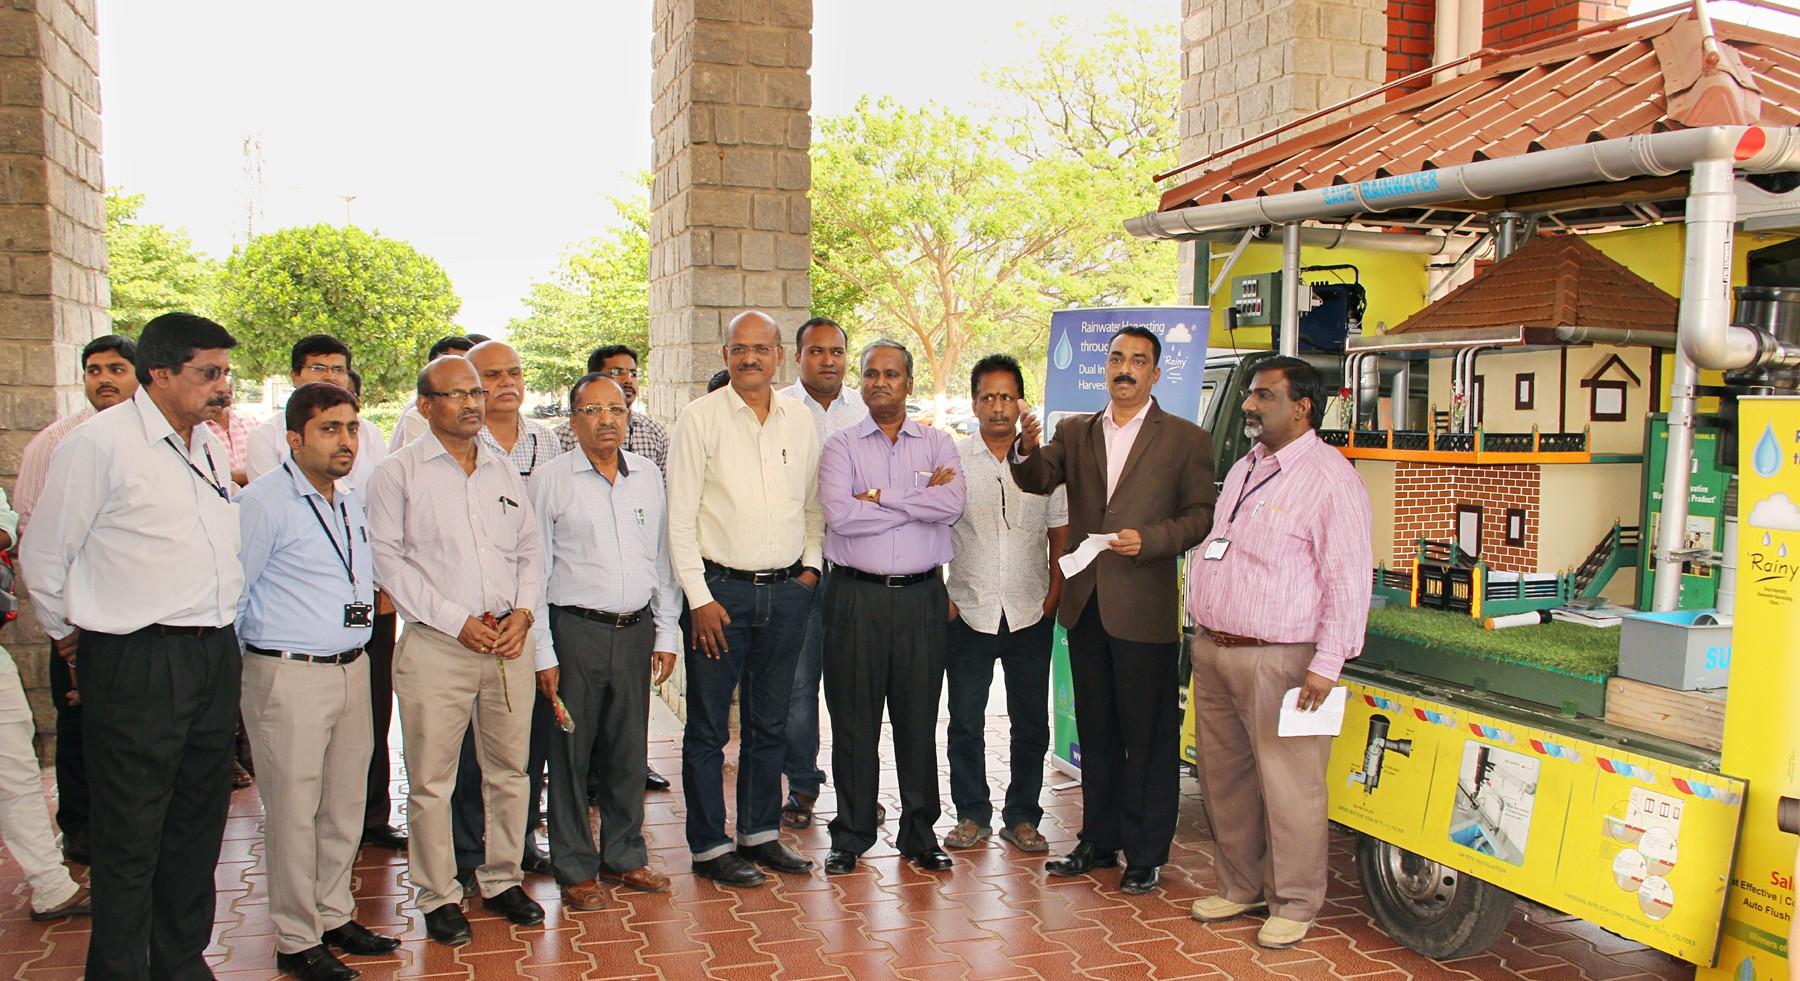 Rain water harvesting demo and awareness program